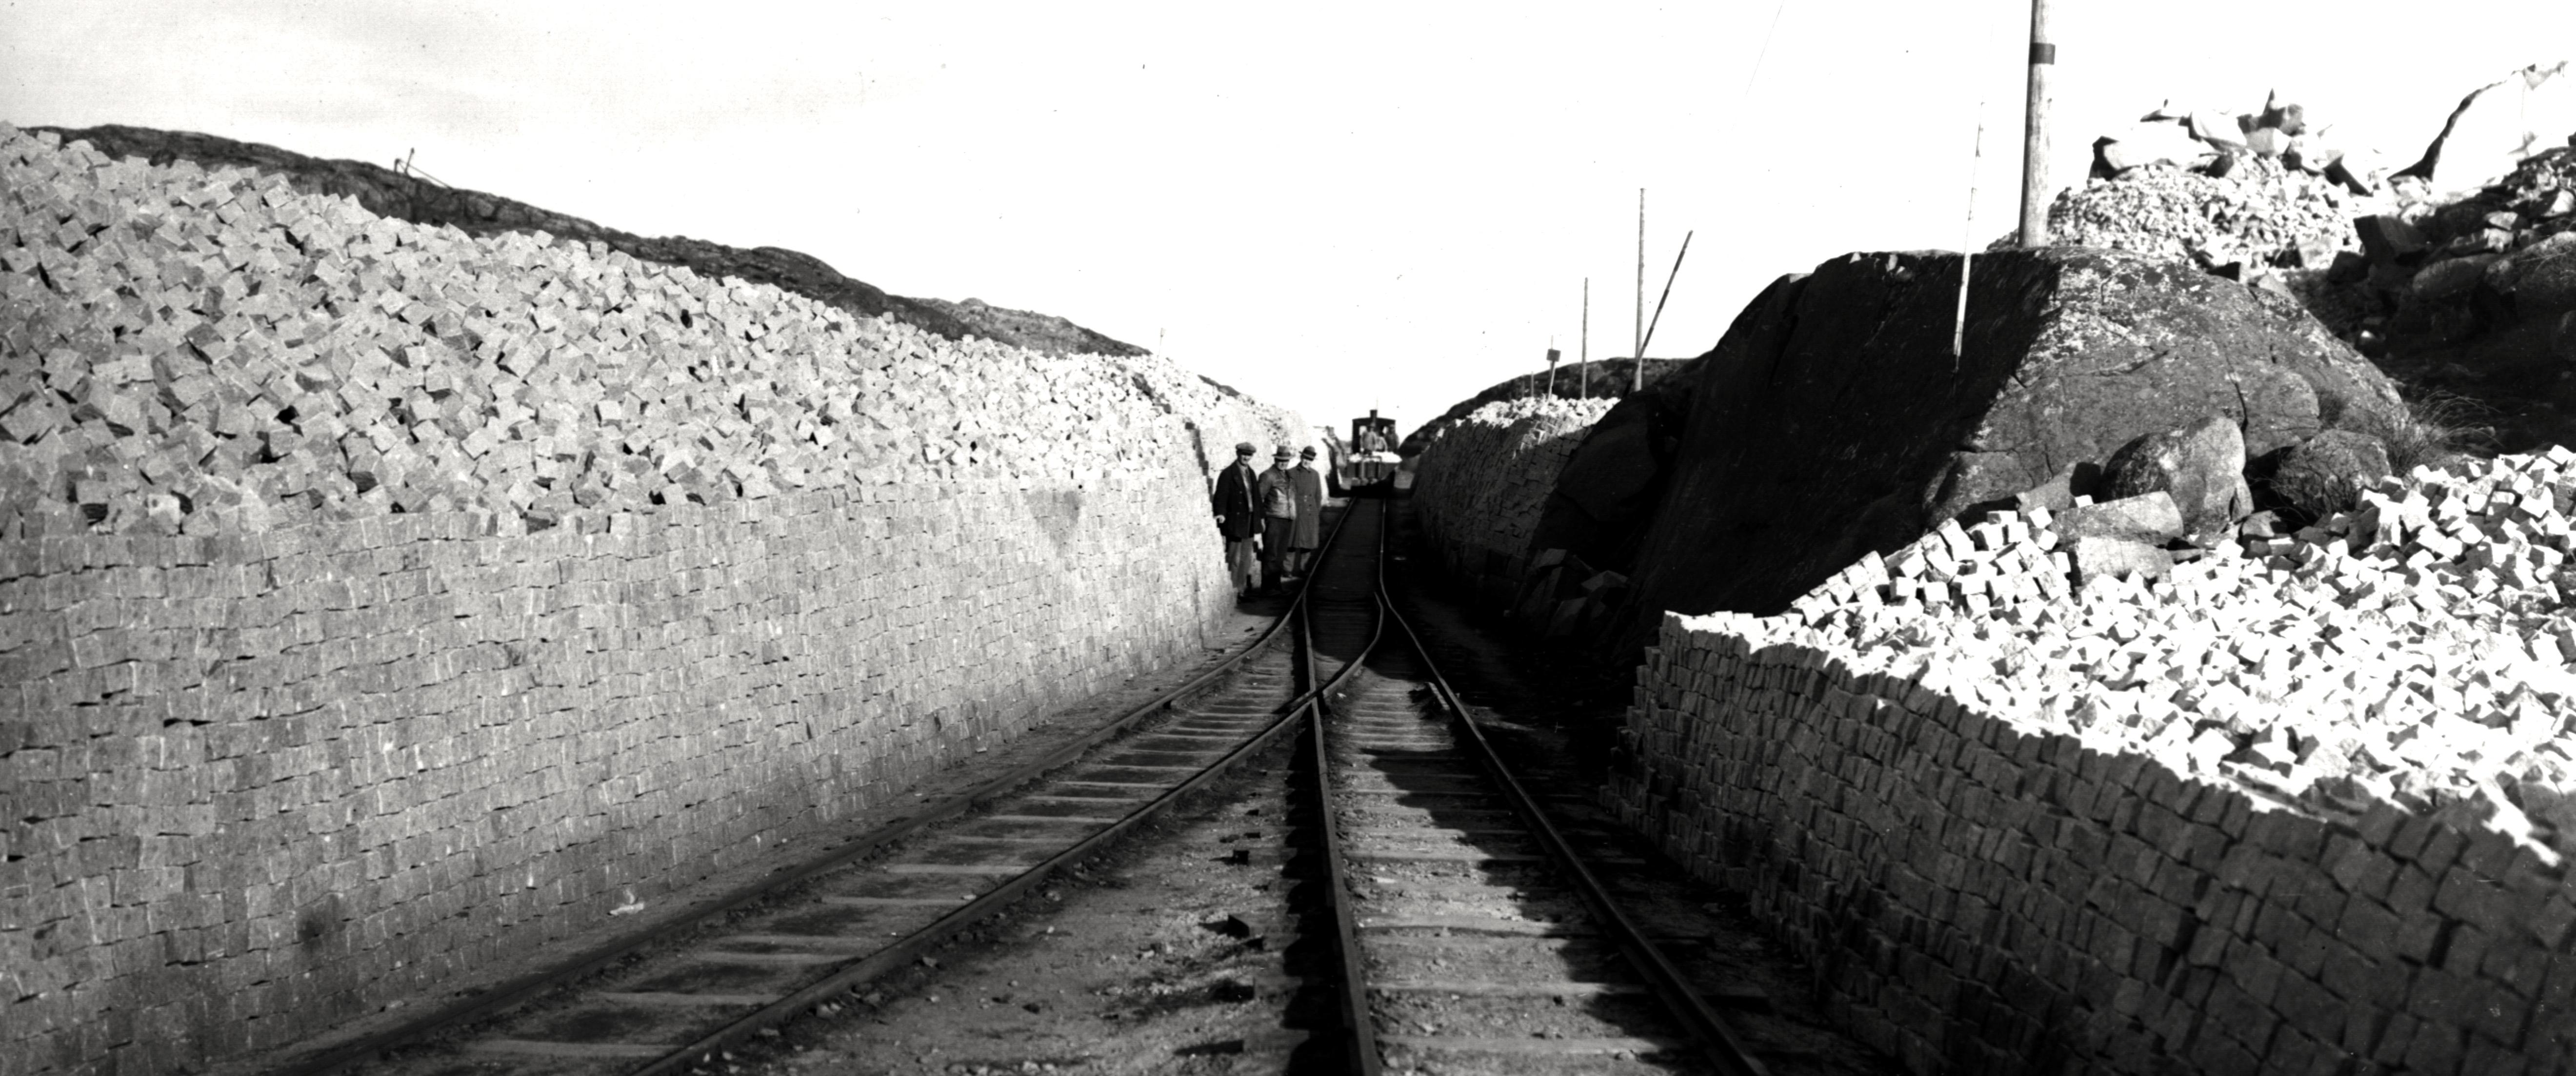 Gulldalen 1930-talet - J‰rnv‰gen och knottupplag